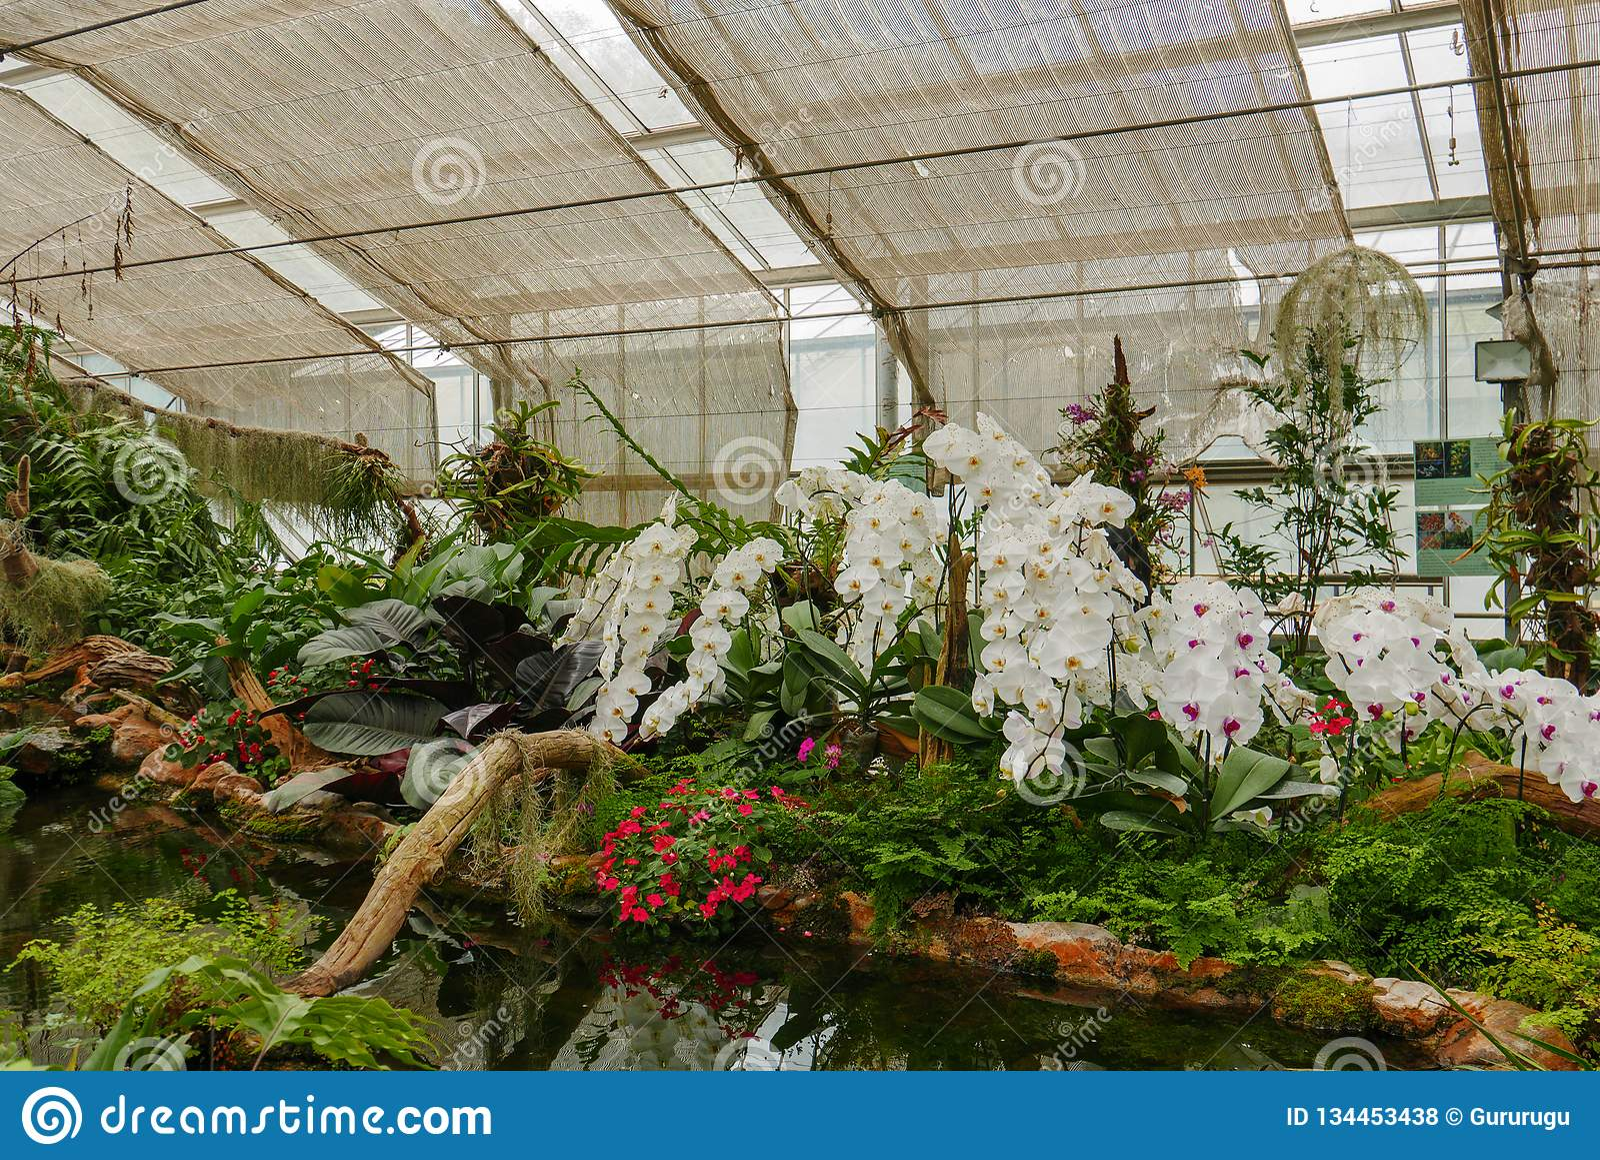 Orchidée Blanche Dans Le Jardin Tropical Dans La Serre Photo ...